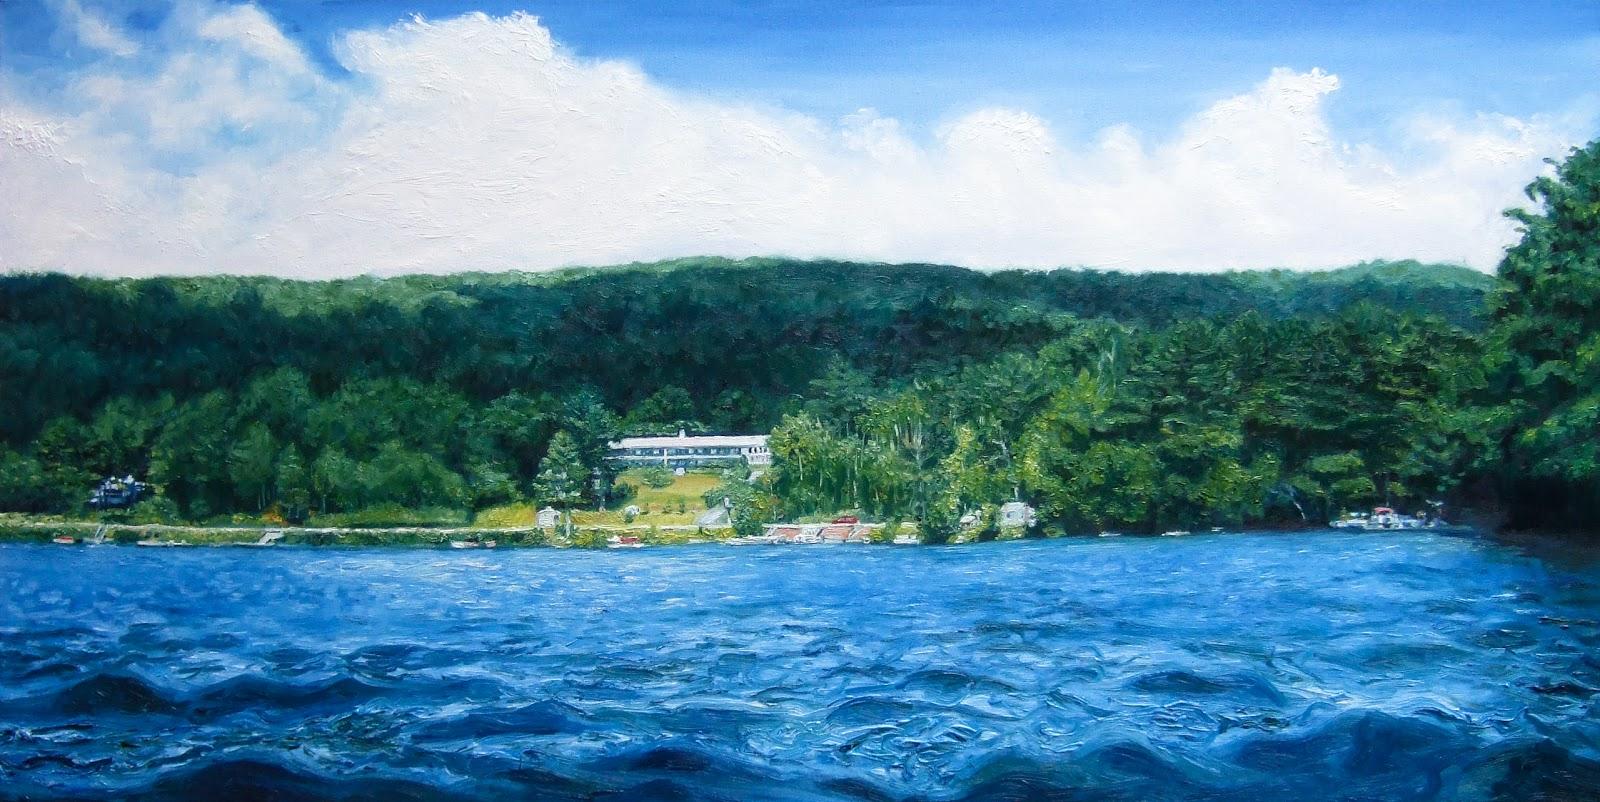 Queechy lake